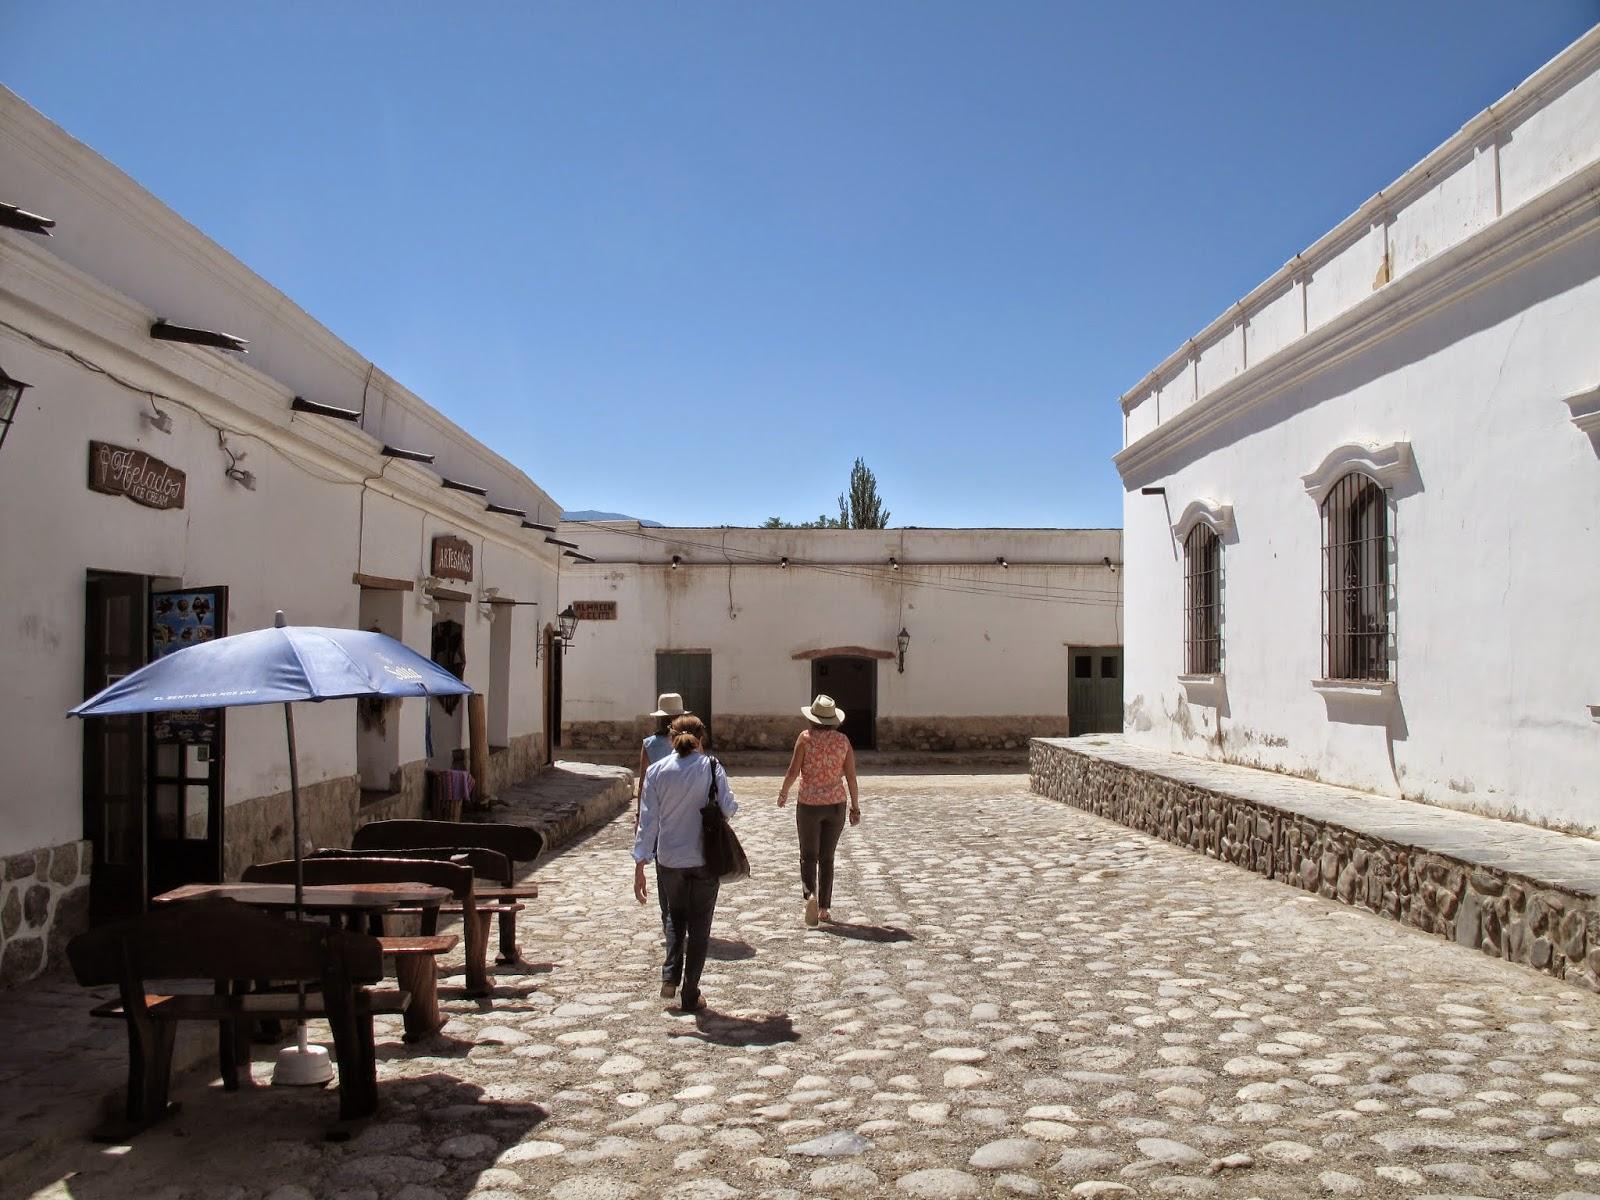 POR TIERRA POR LA TIERRA: Cachi, Pueblo Blanco Del Silencio